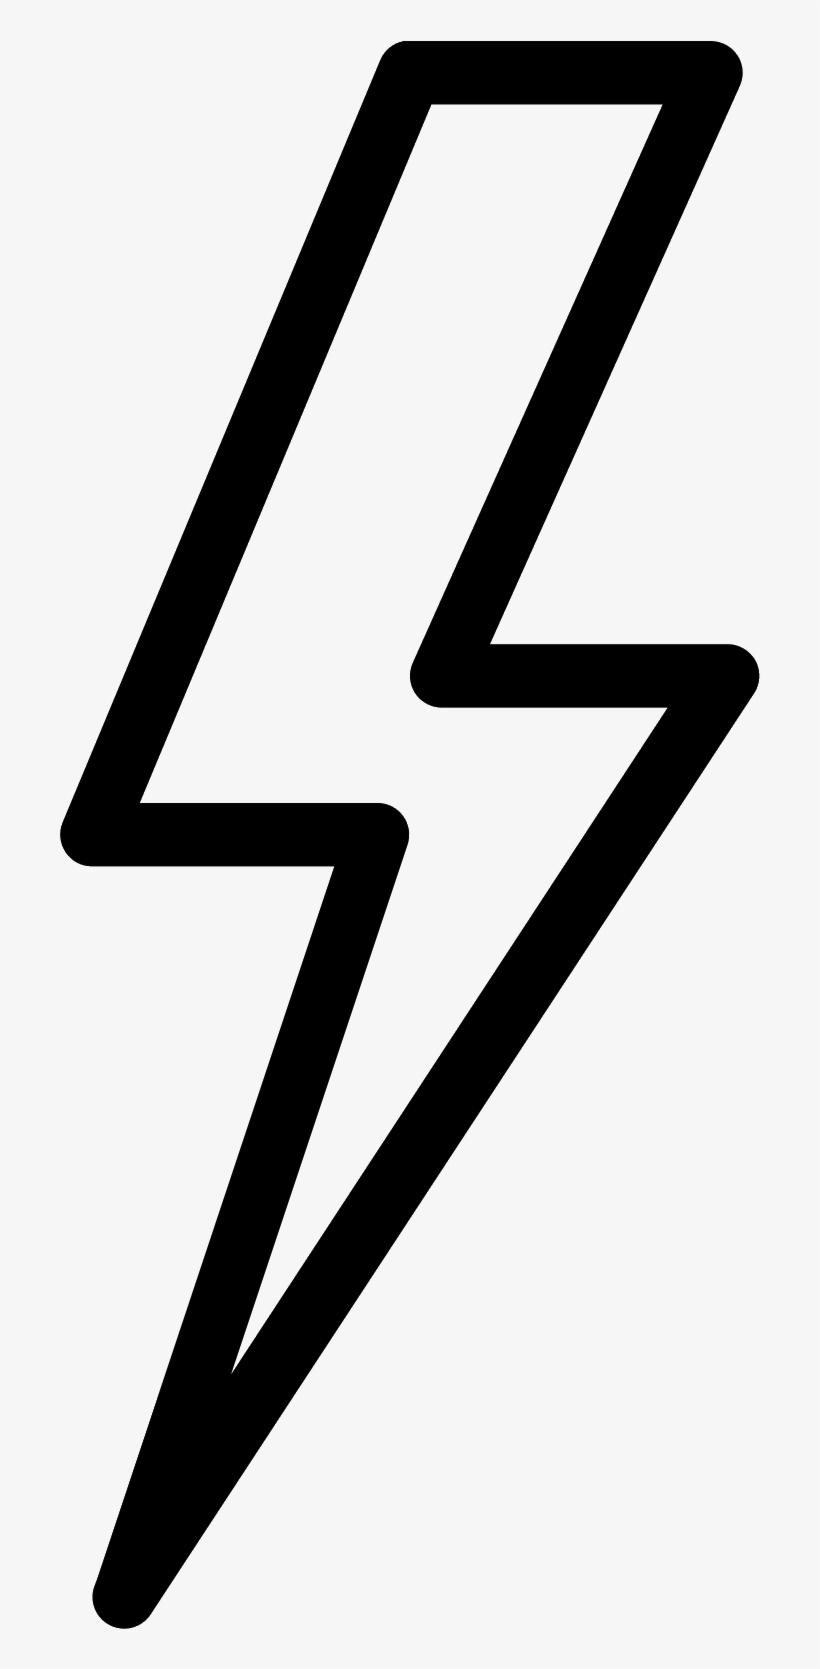 Lightning Bolt Png Graphic Freeuse Download.